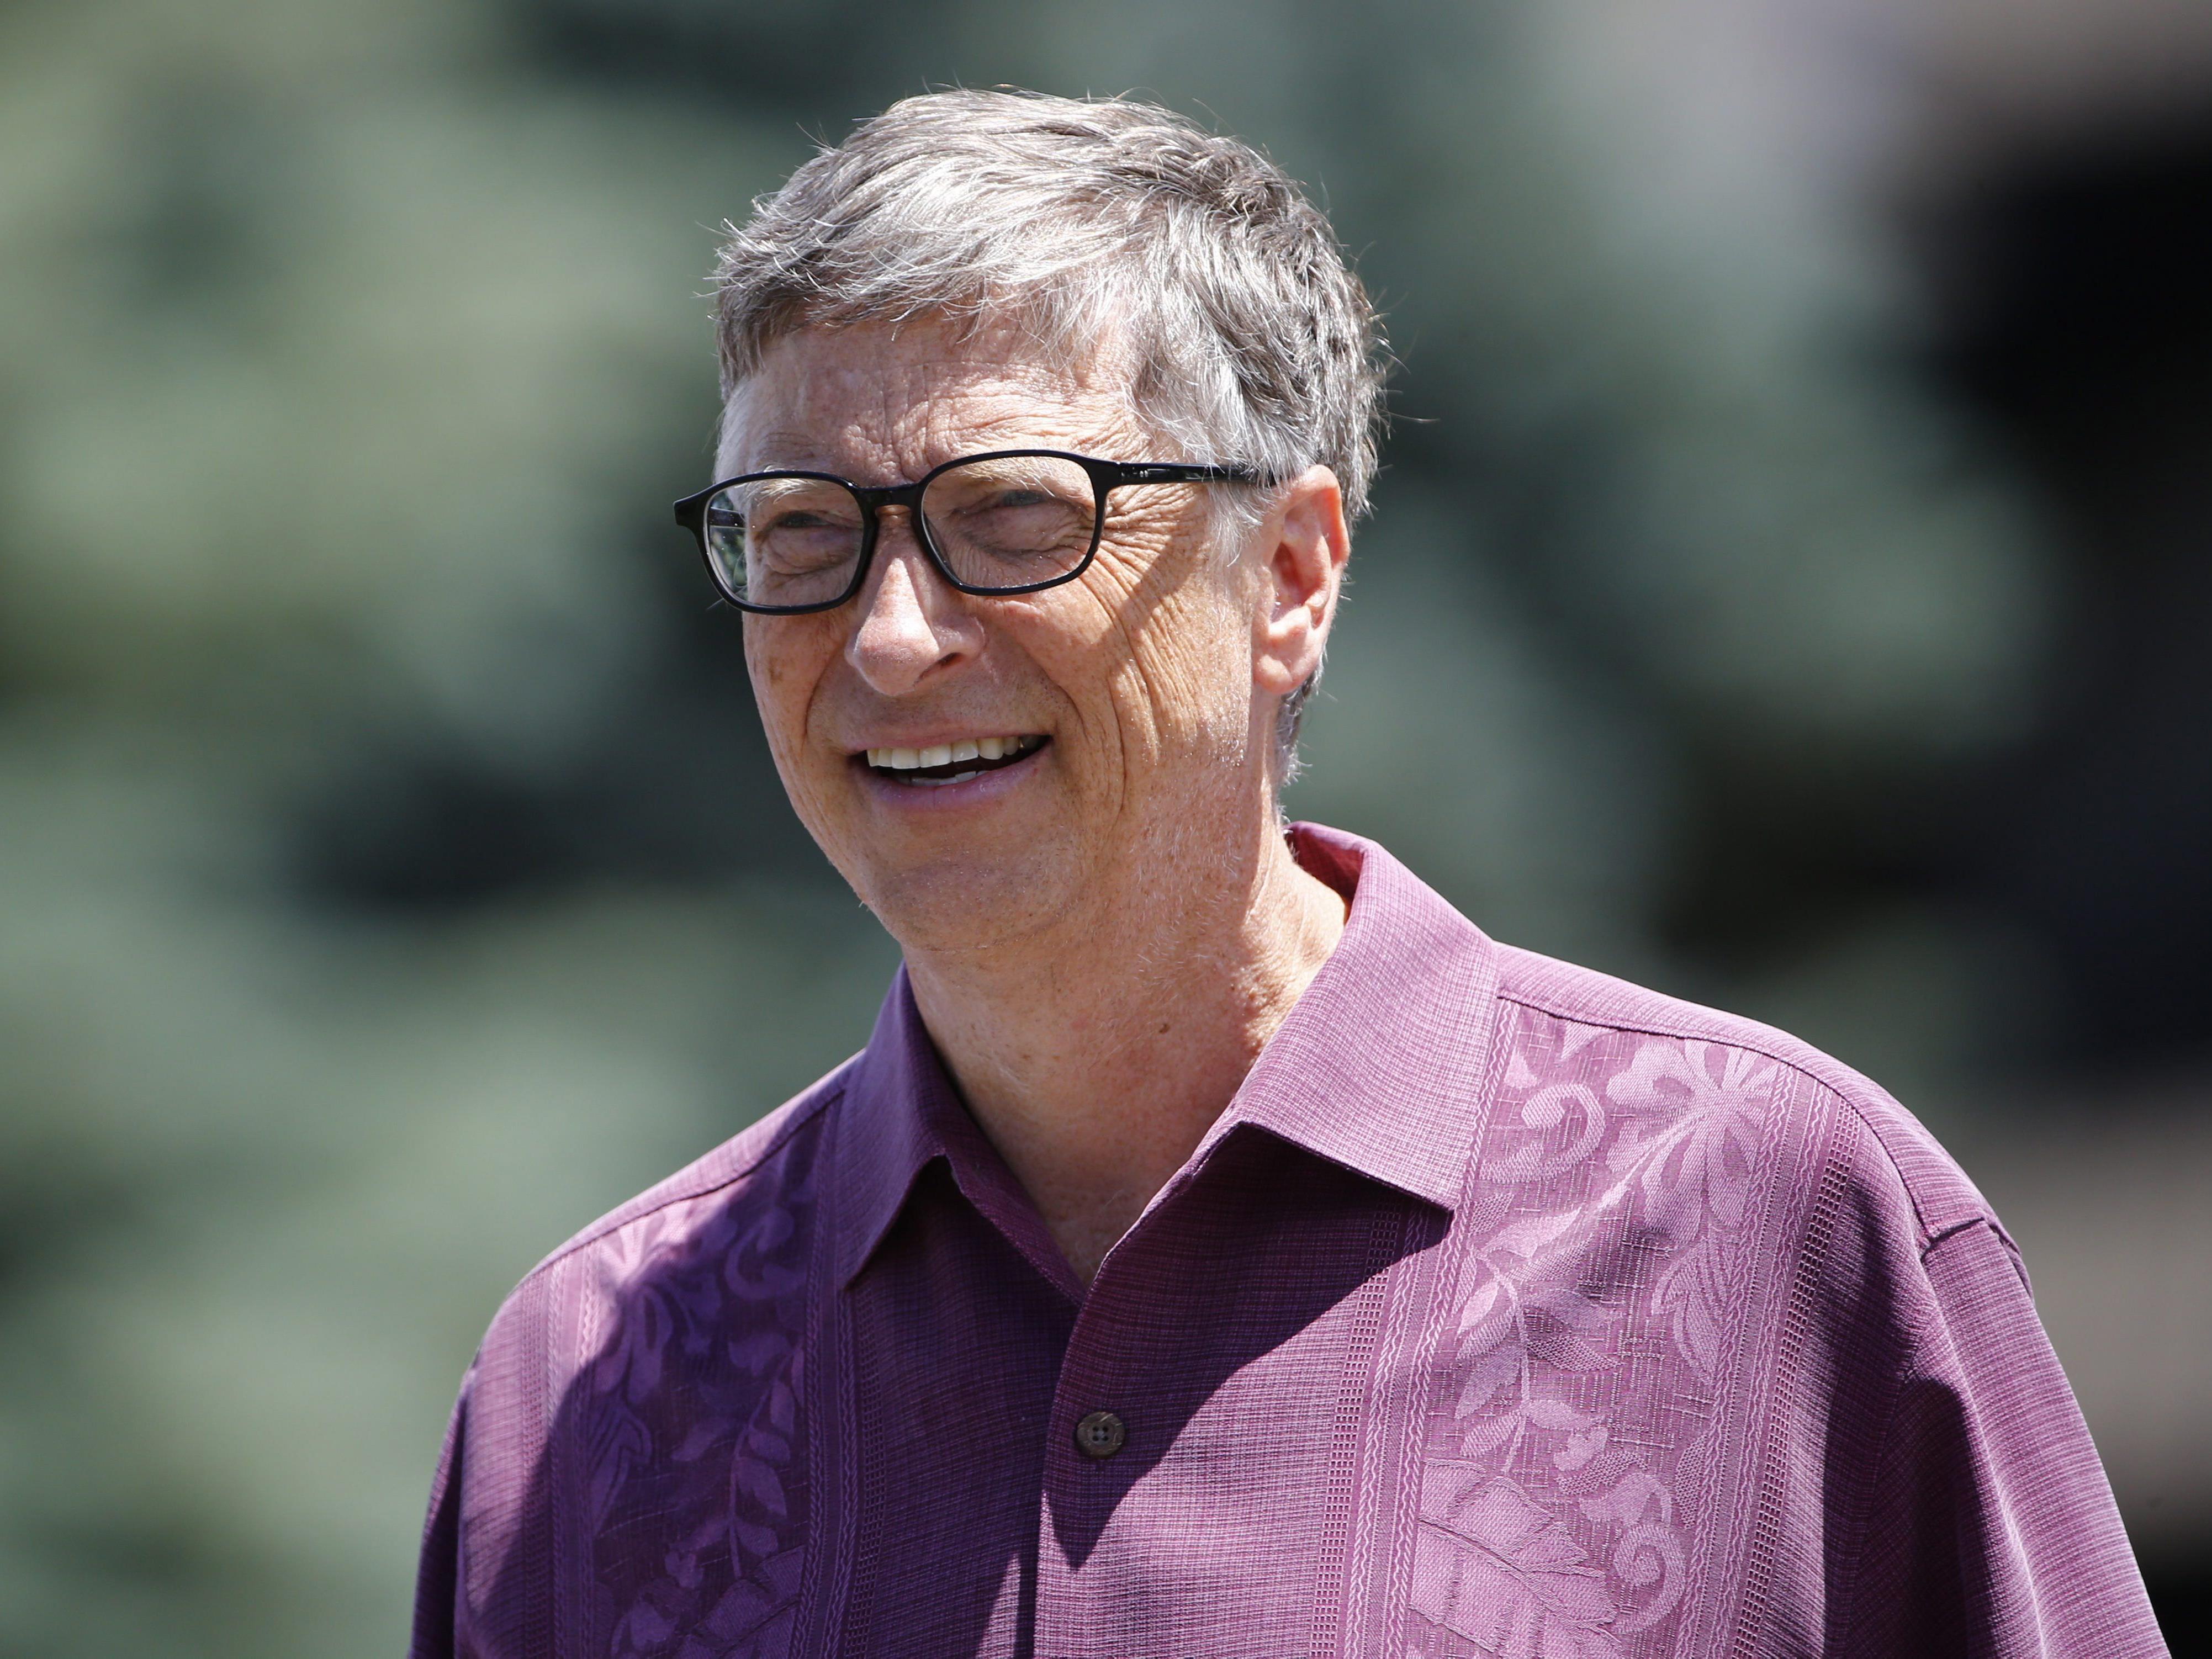 Bill Gates nimmt sich jeden Abend Zeit zum lesen